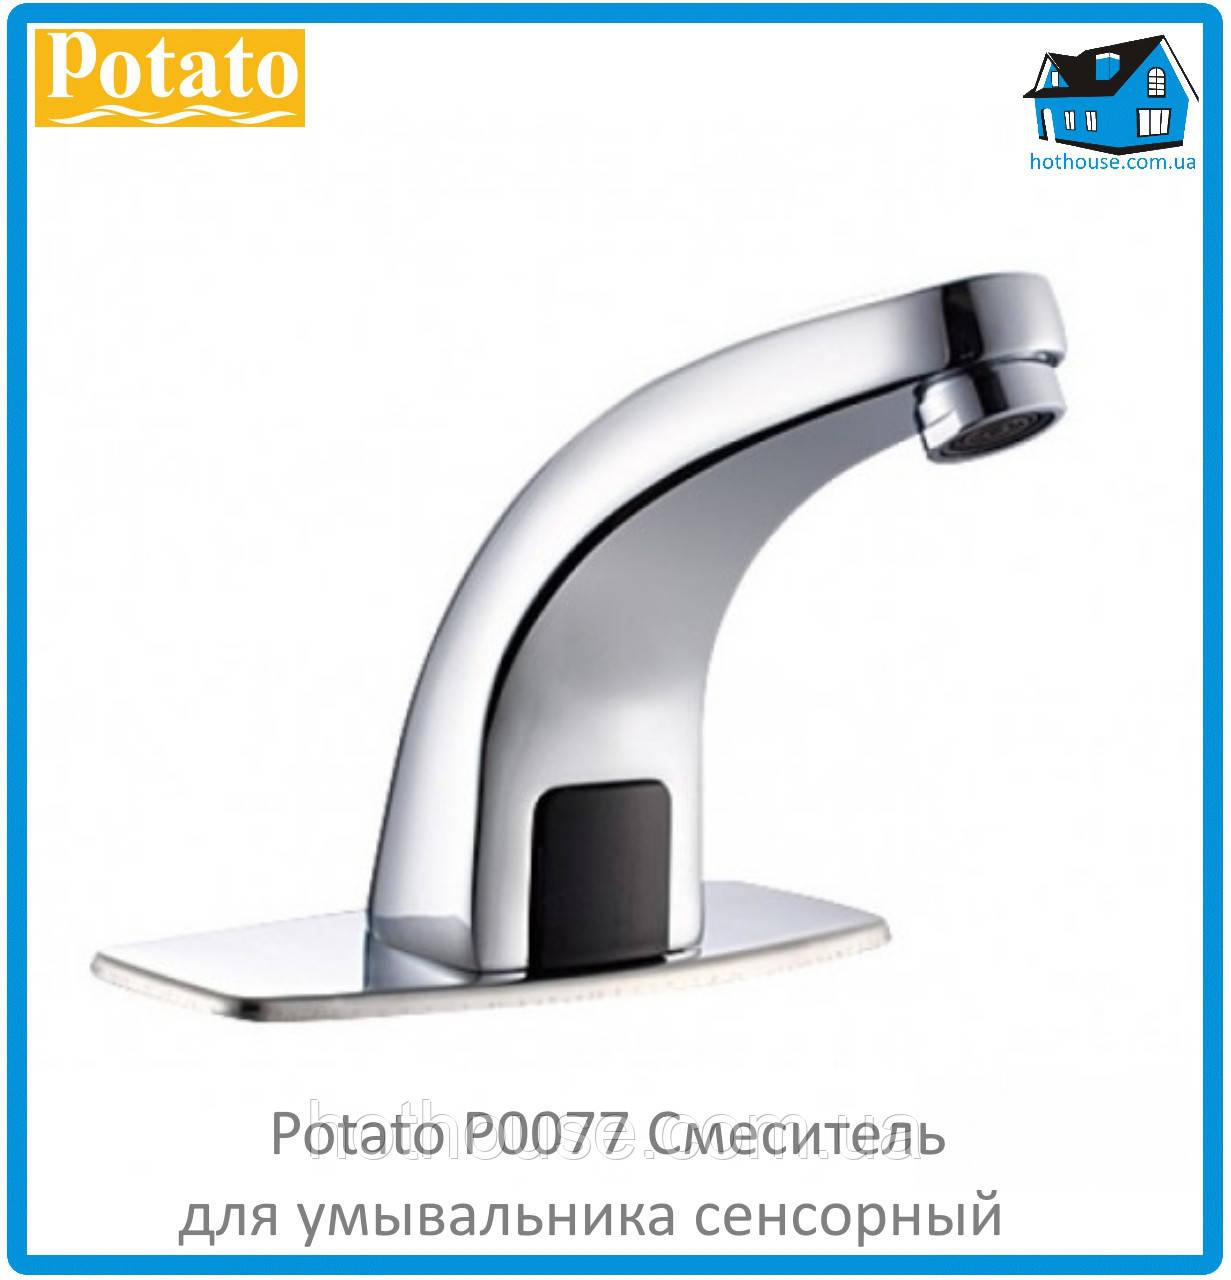 Смеситель для умывальника сенсорный Potato P0077